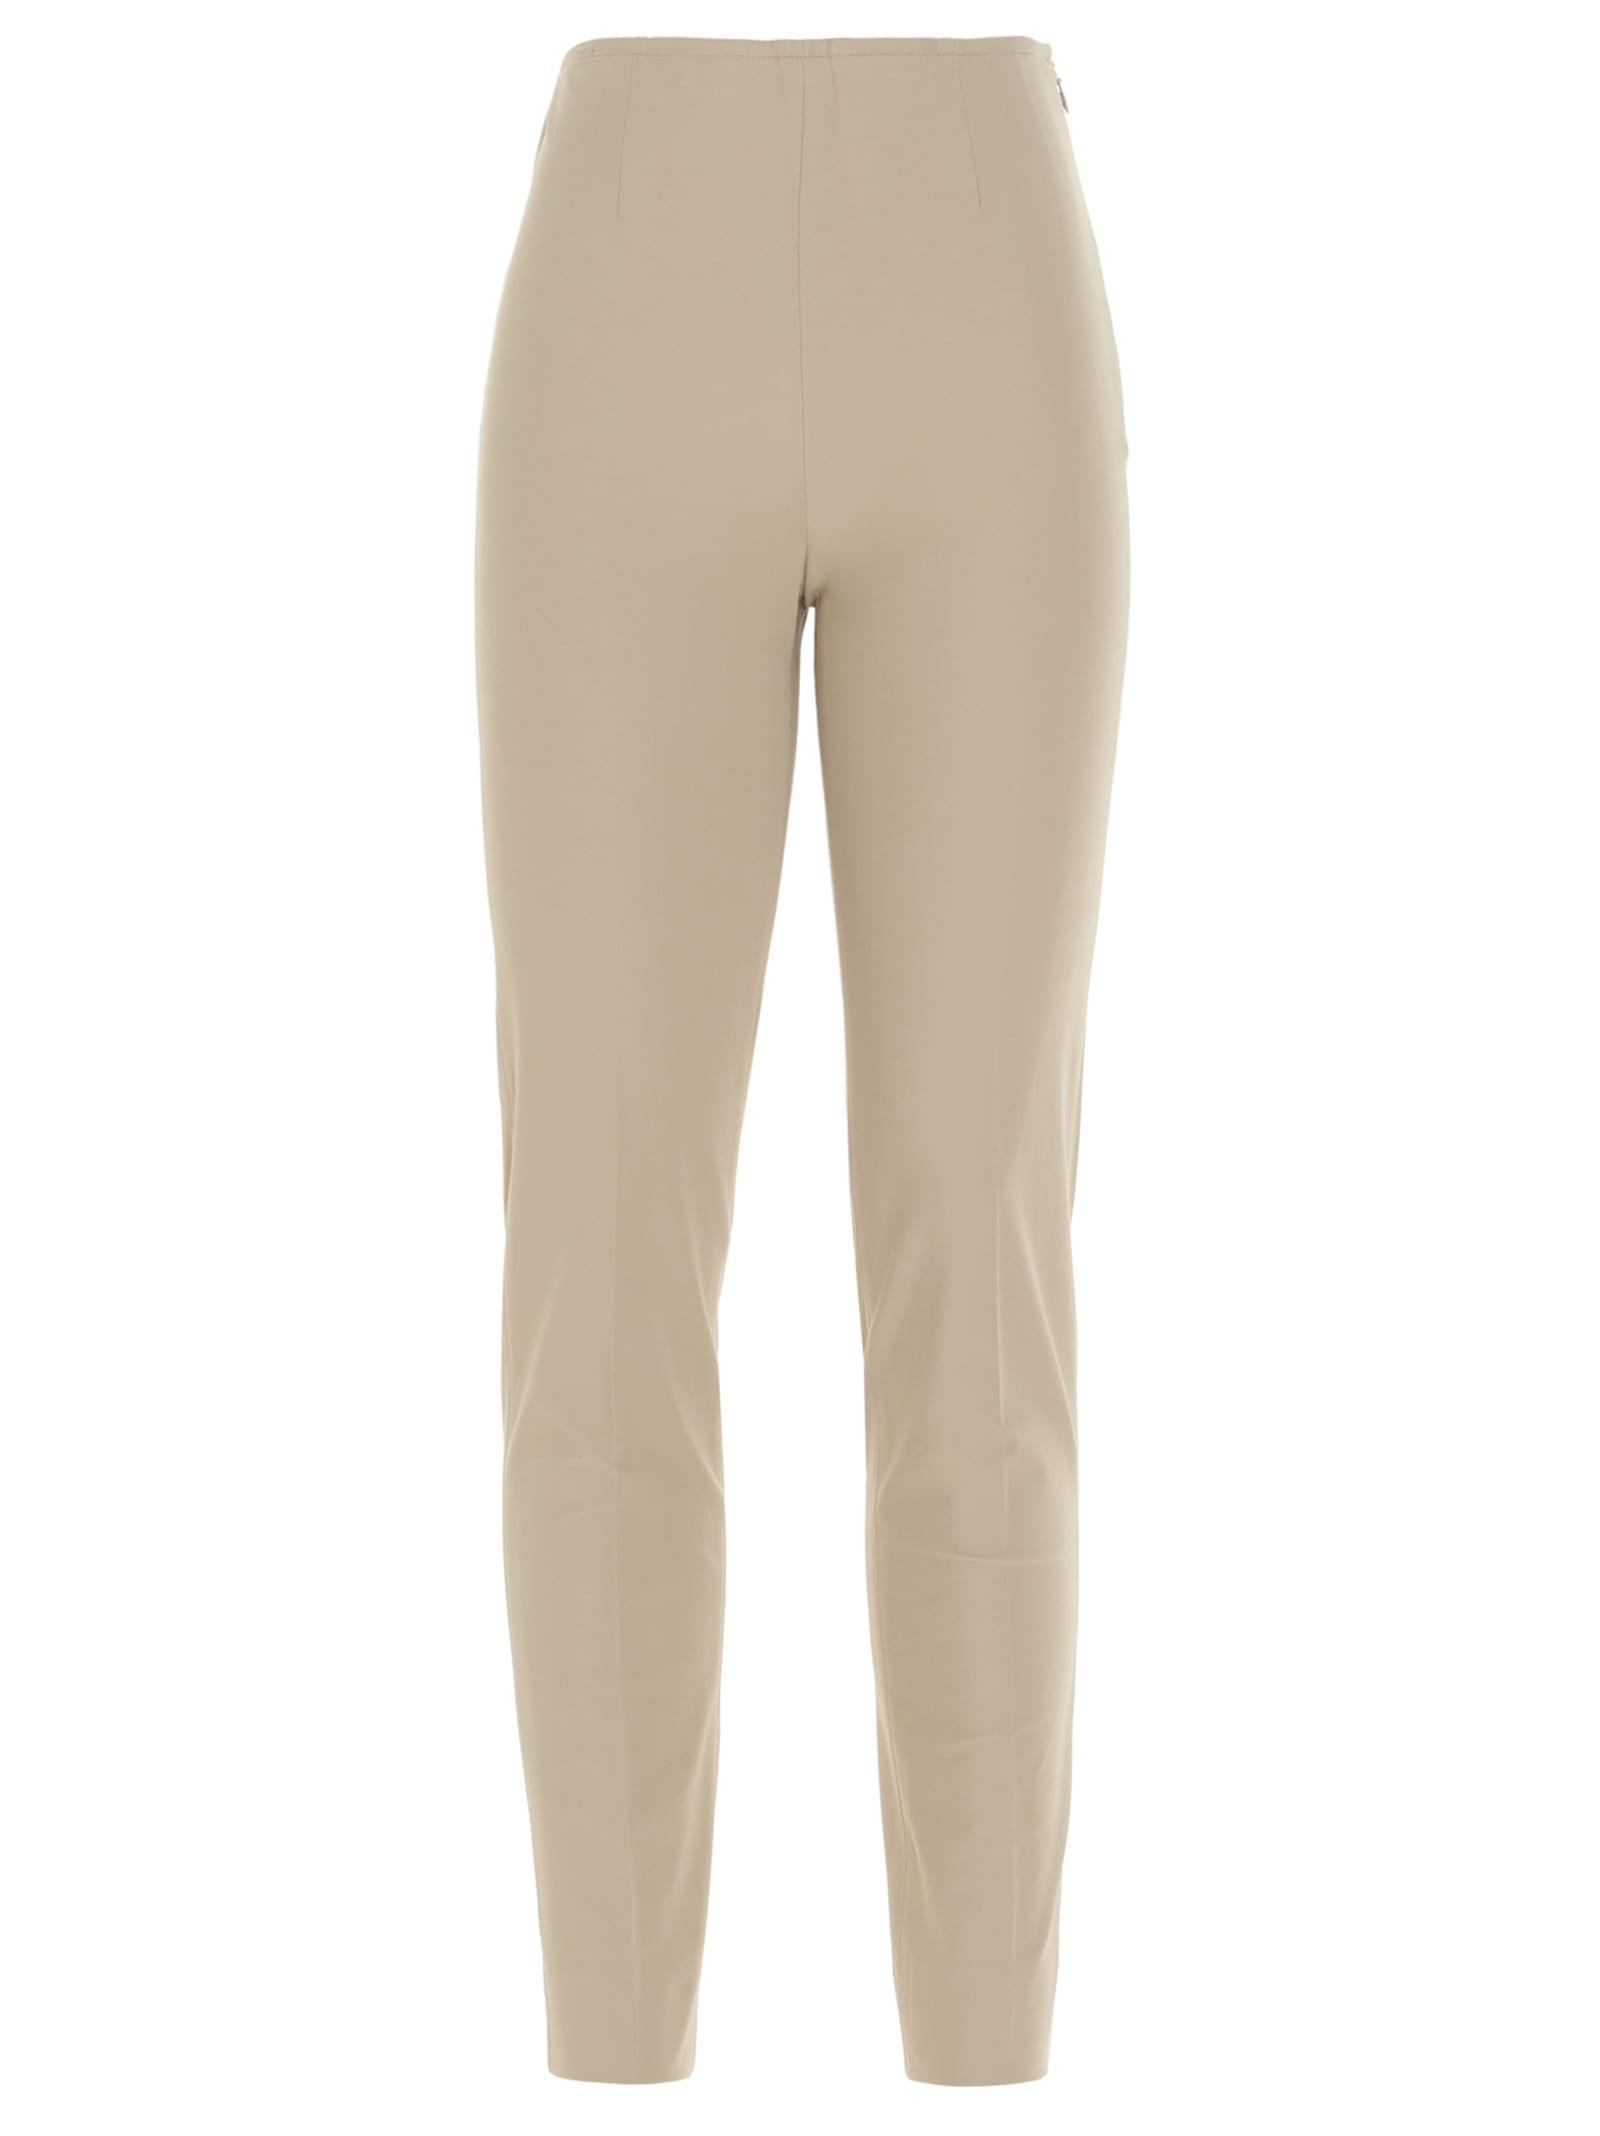 Pt01 Pants GUIA PANTS